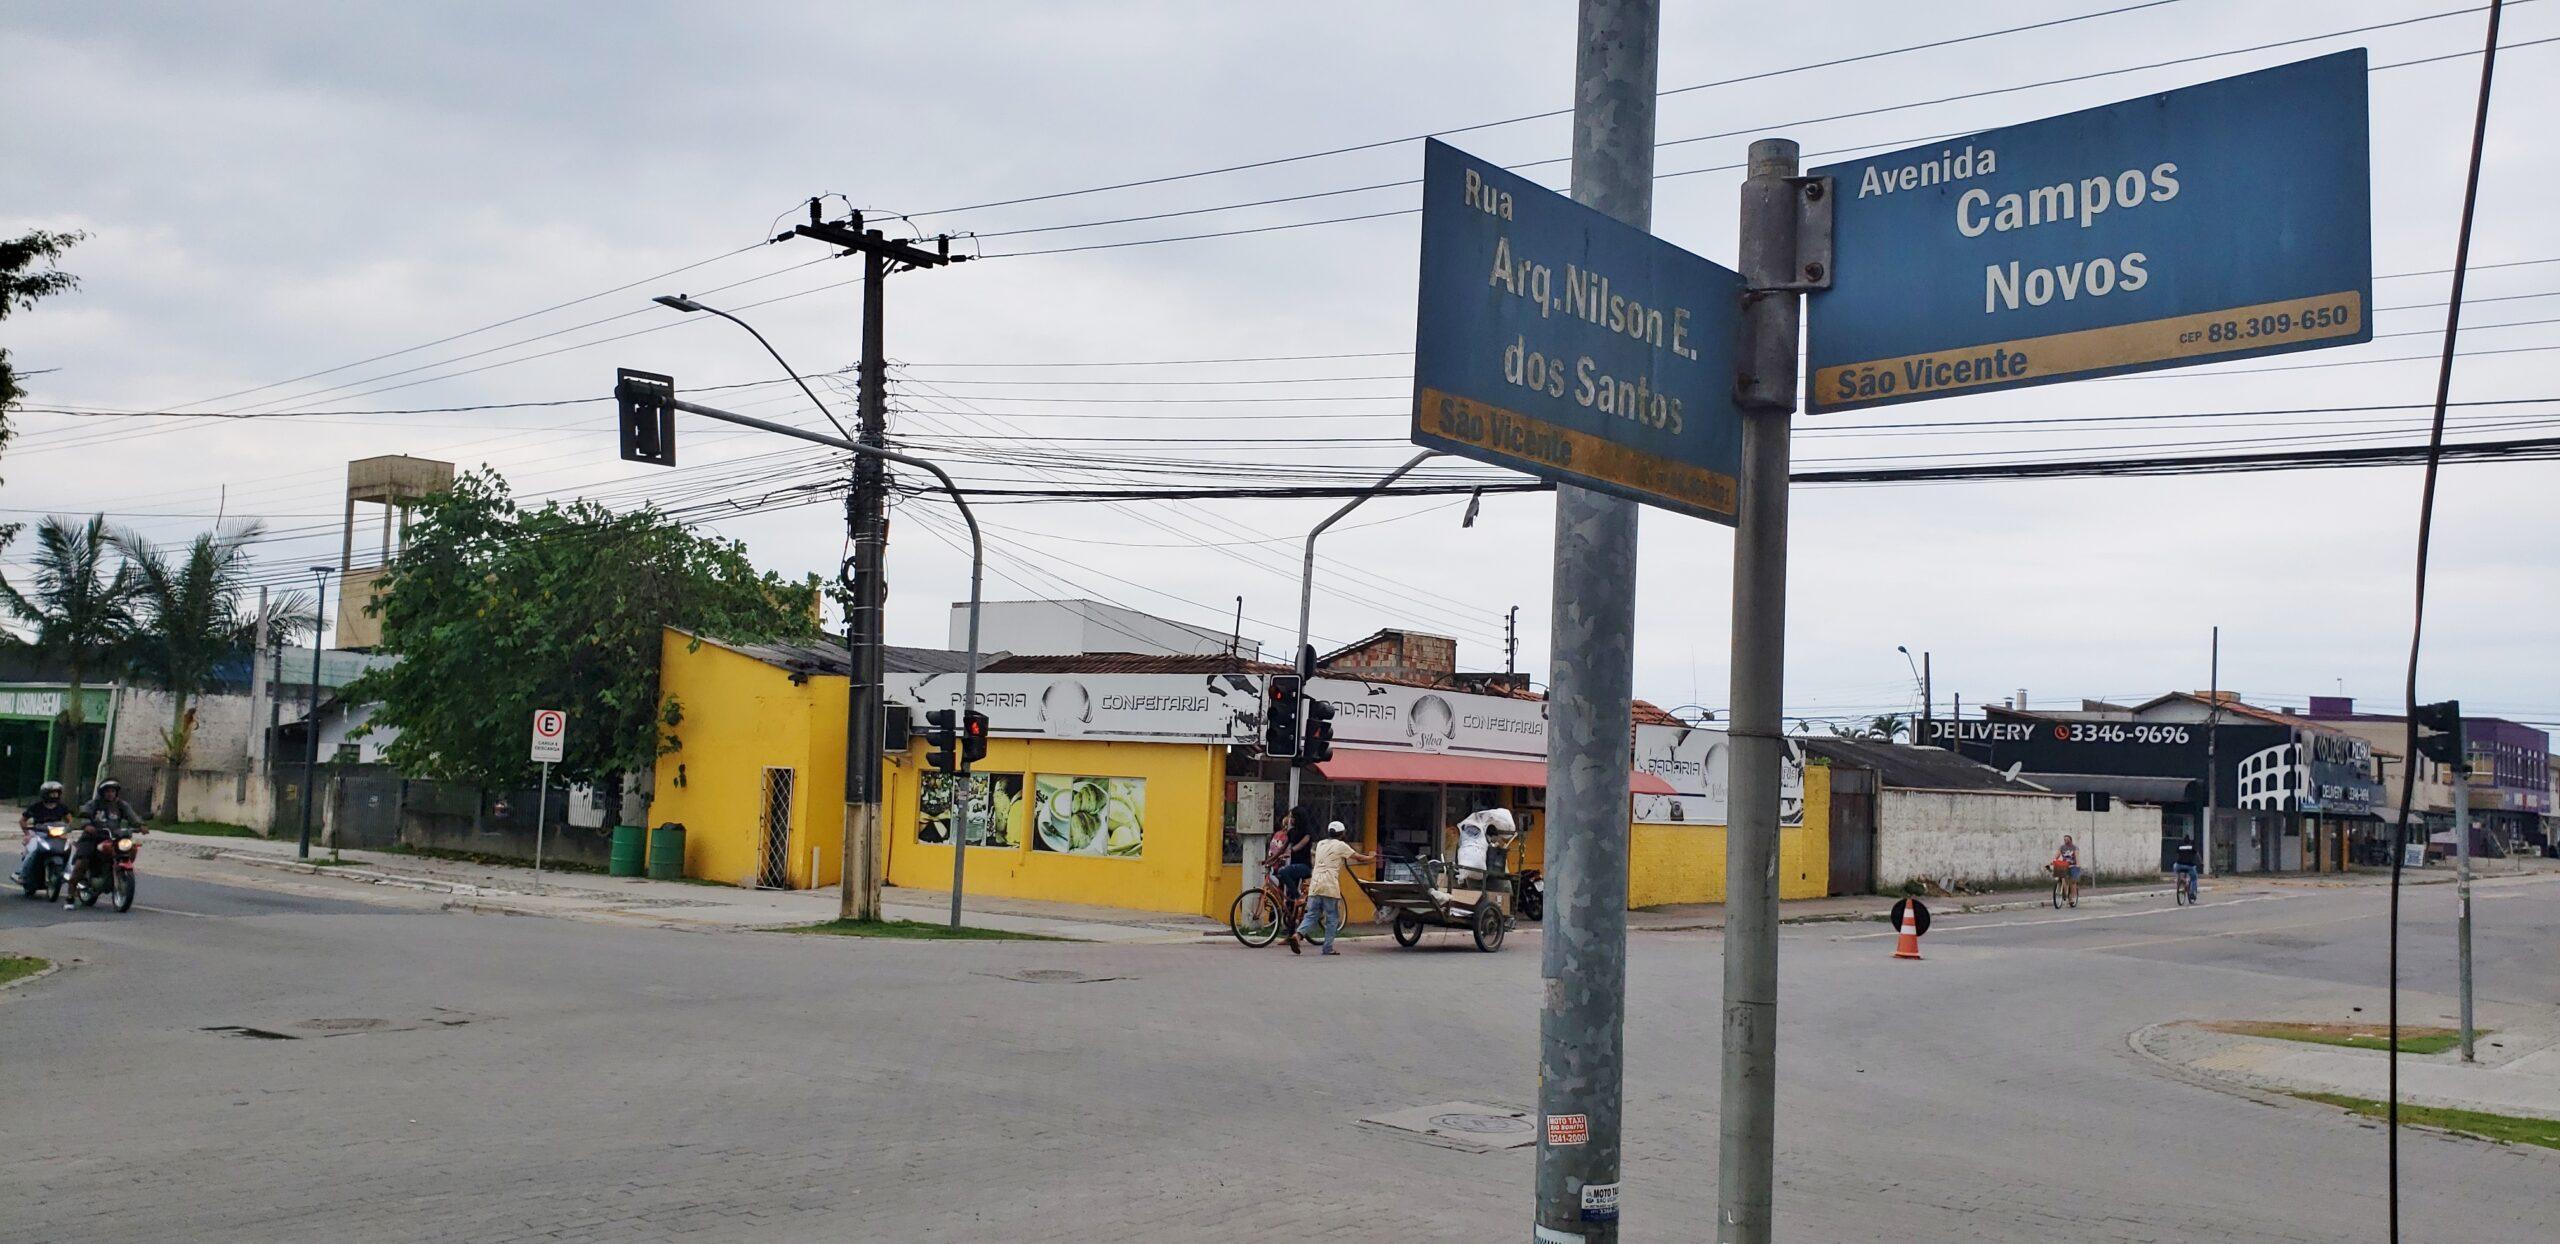 Trânsito: Cruzamento entre Campos Novos e Arquiteto Nilson Edson dos Santos será fechado